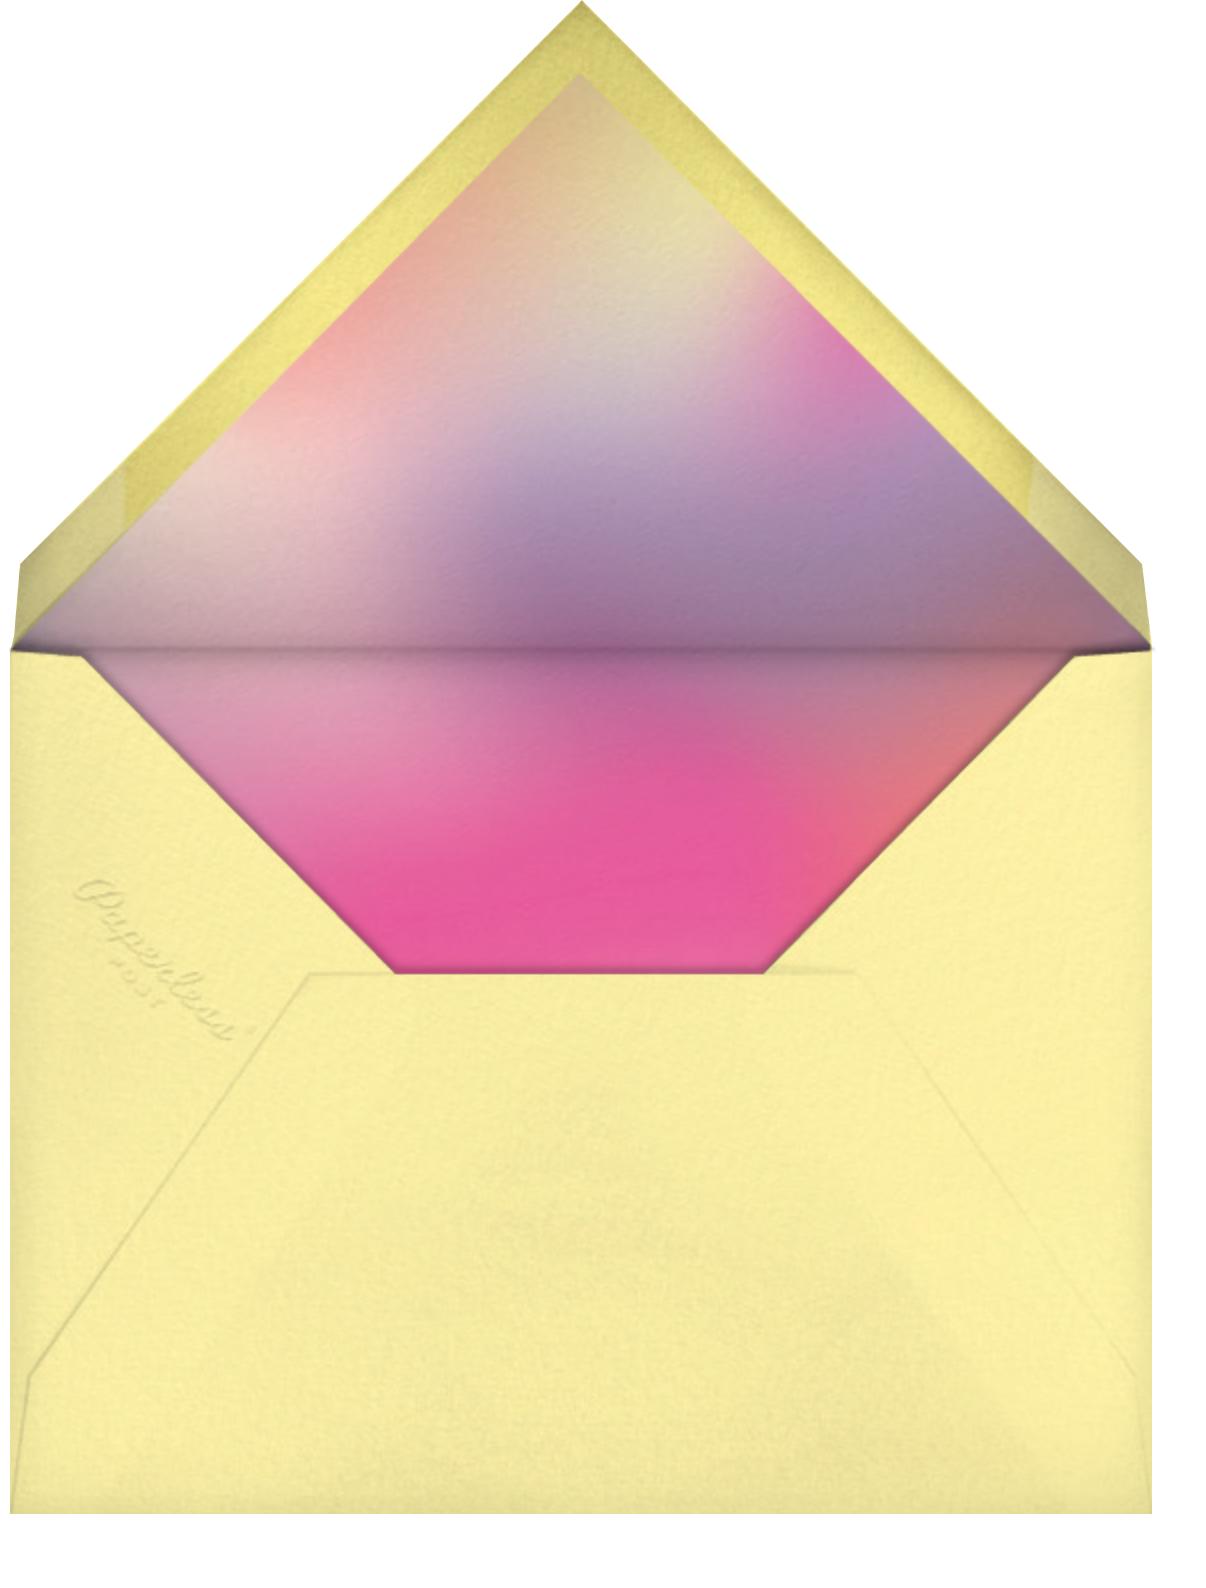 Bat Mitzvah Lighting (Photo) - Horizontal - Paperless Post - Bat and bar mitzvah - envelope back